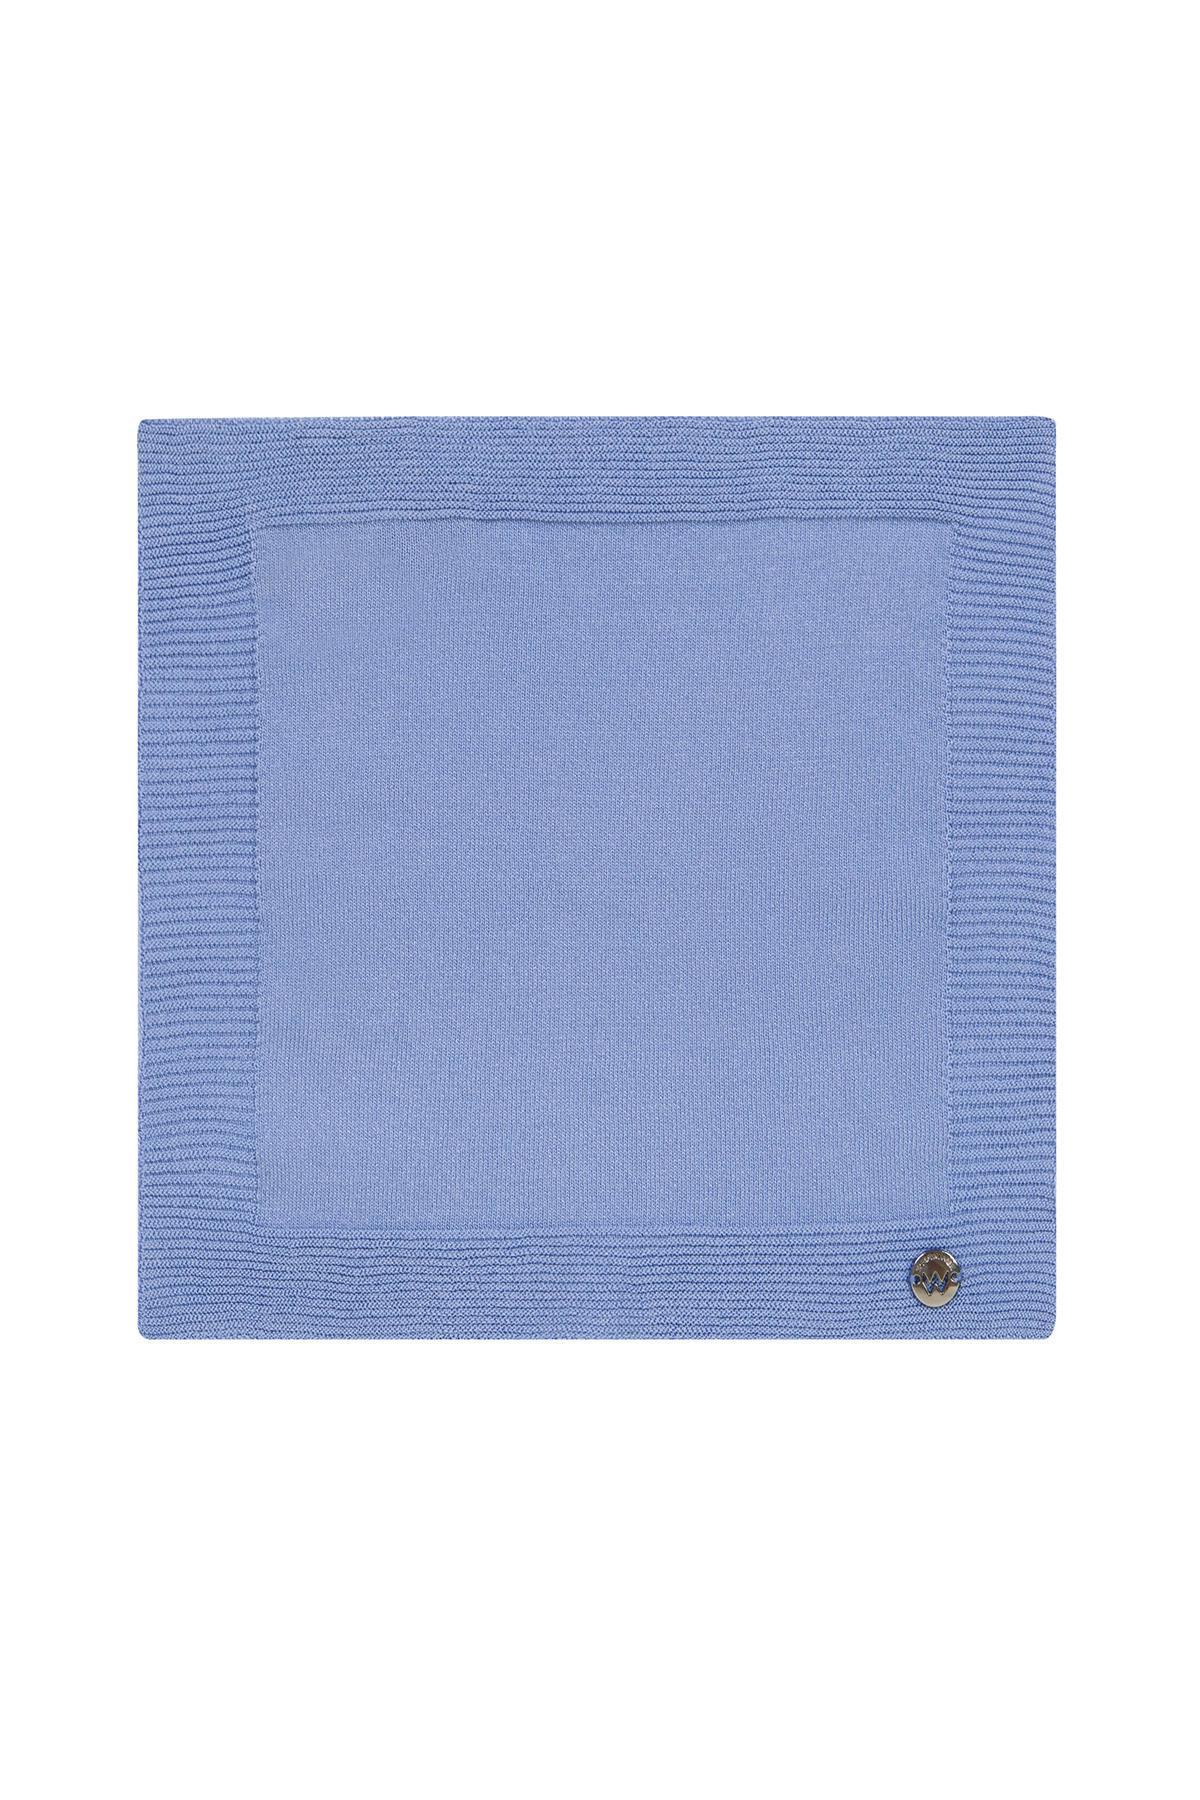 İpek Örgü Açık Mavi Cep Mendili